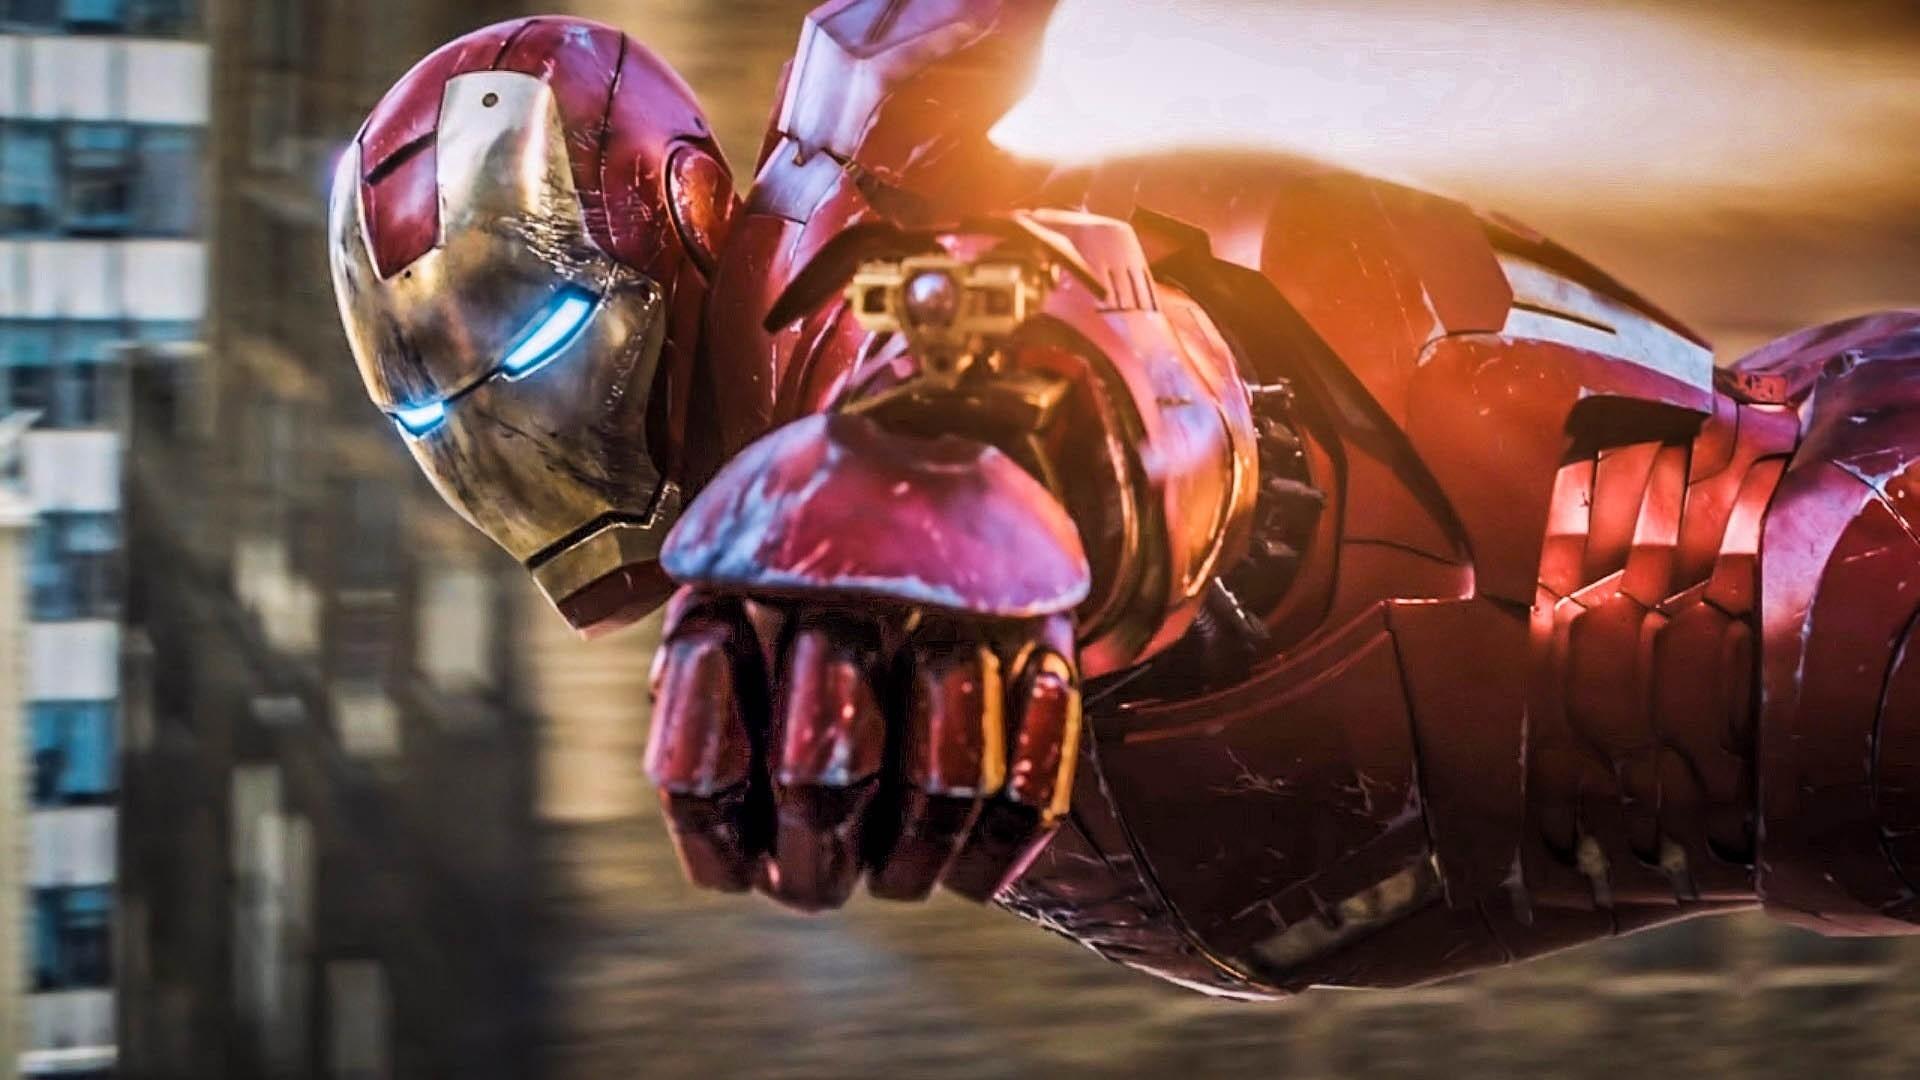 Download Wallpaper High Resolution Iron Man - iron-man-avengers-wallpaper-19  Photograph_108171.jpg